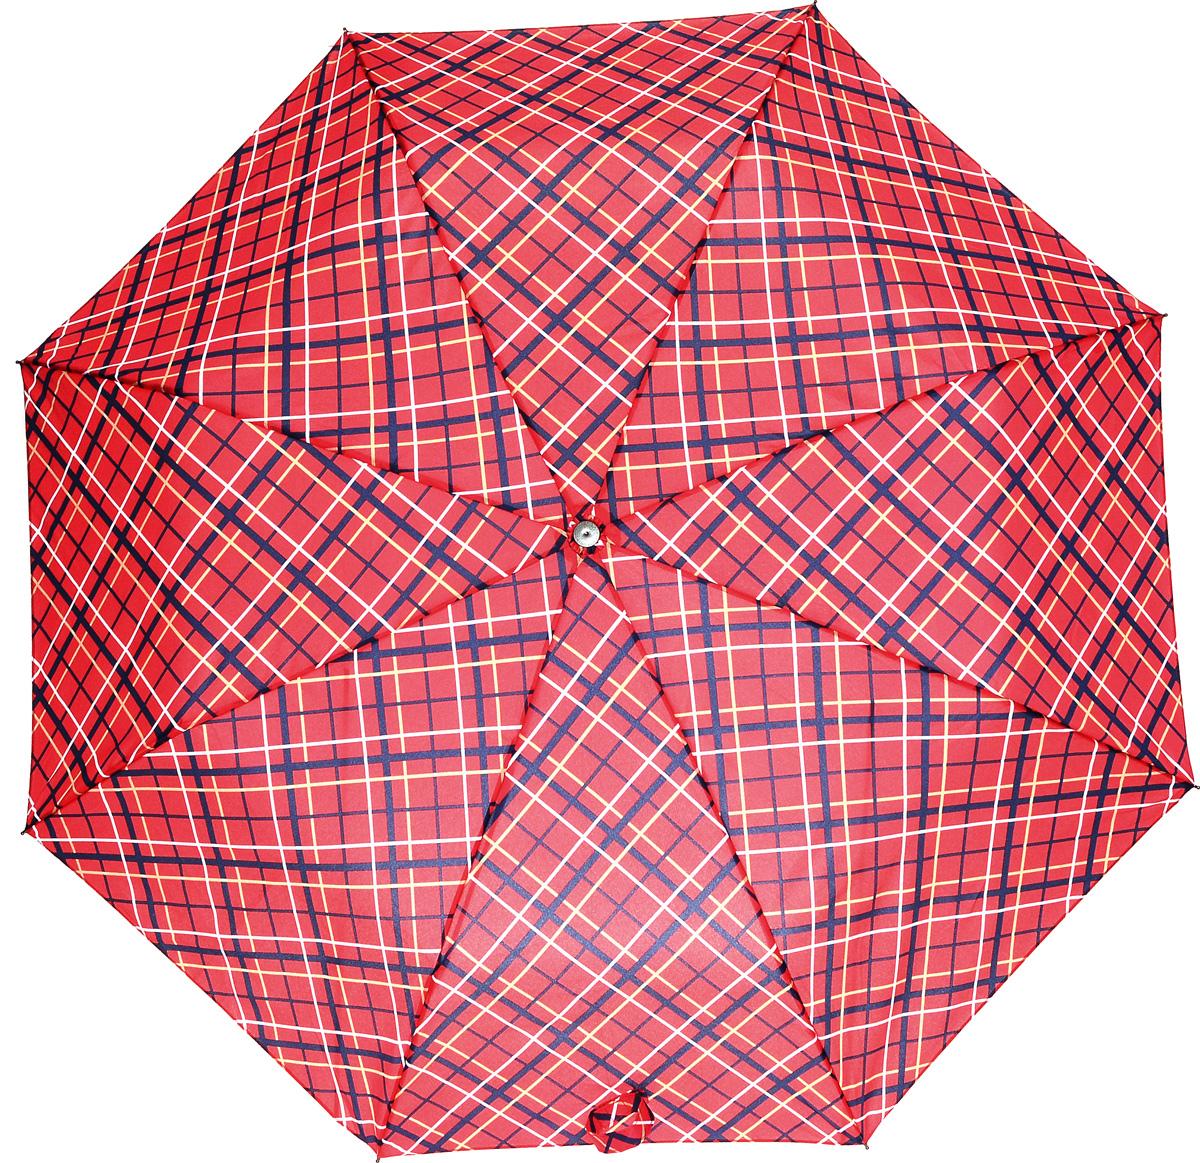 C-Collection 512-2 Зонт механический 3 сл. жен.512-2Зонт испанского производителя Clima. В производстве зонтов используются современные материалы, что делает зонты легкими, но в то же время крепкими. Механический, 3 сложения, 7 спиц по 55 см, полиэстер.